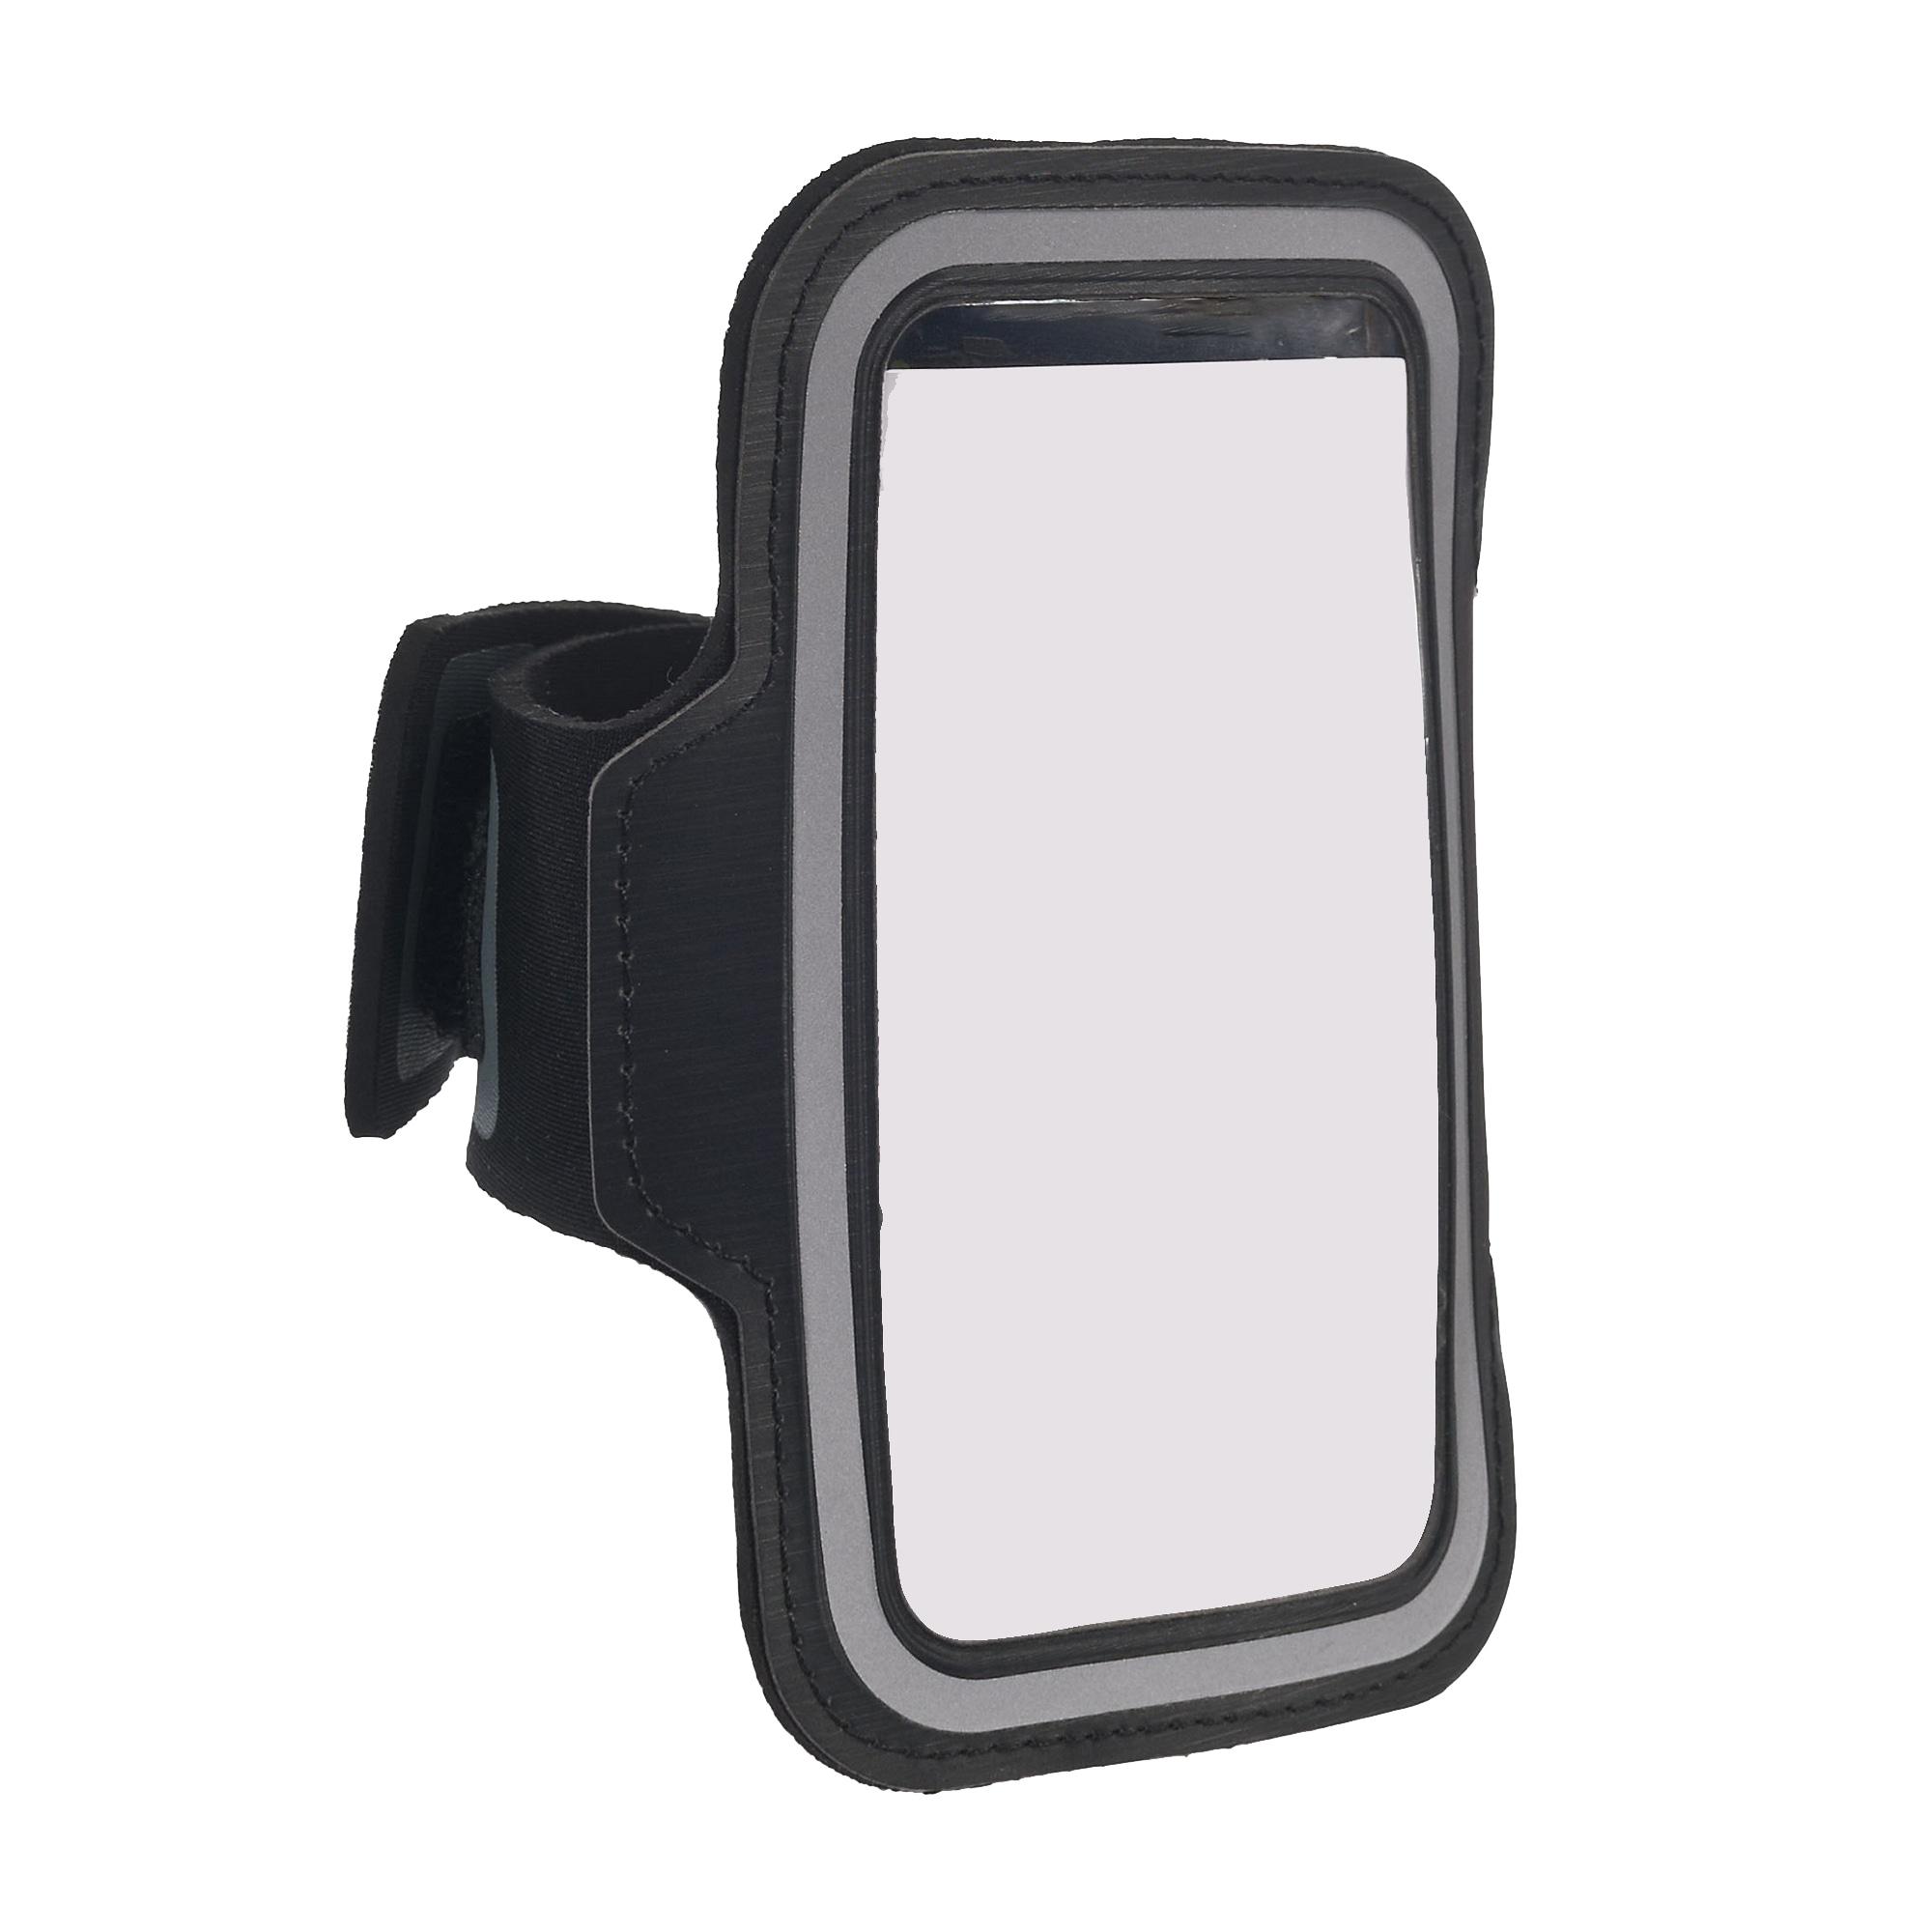 Trespass Smartphonetasche Strand Handy-Armband / Smartphone-Tasche schwarz Zubehör für Handys Smartphones Smartphone Handy Unisex